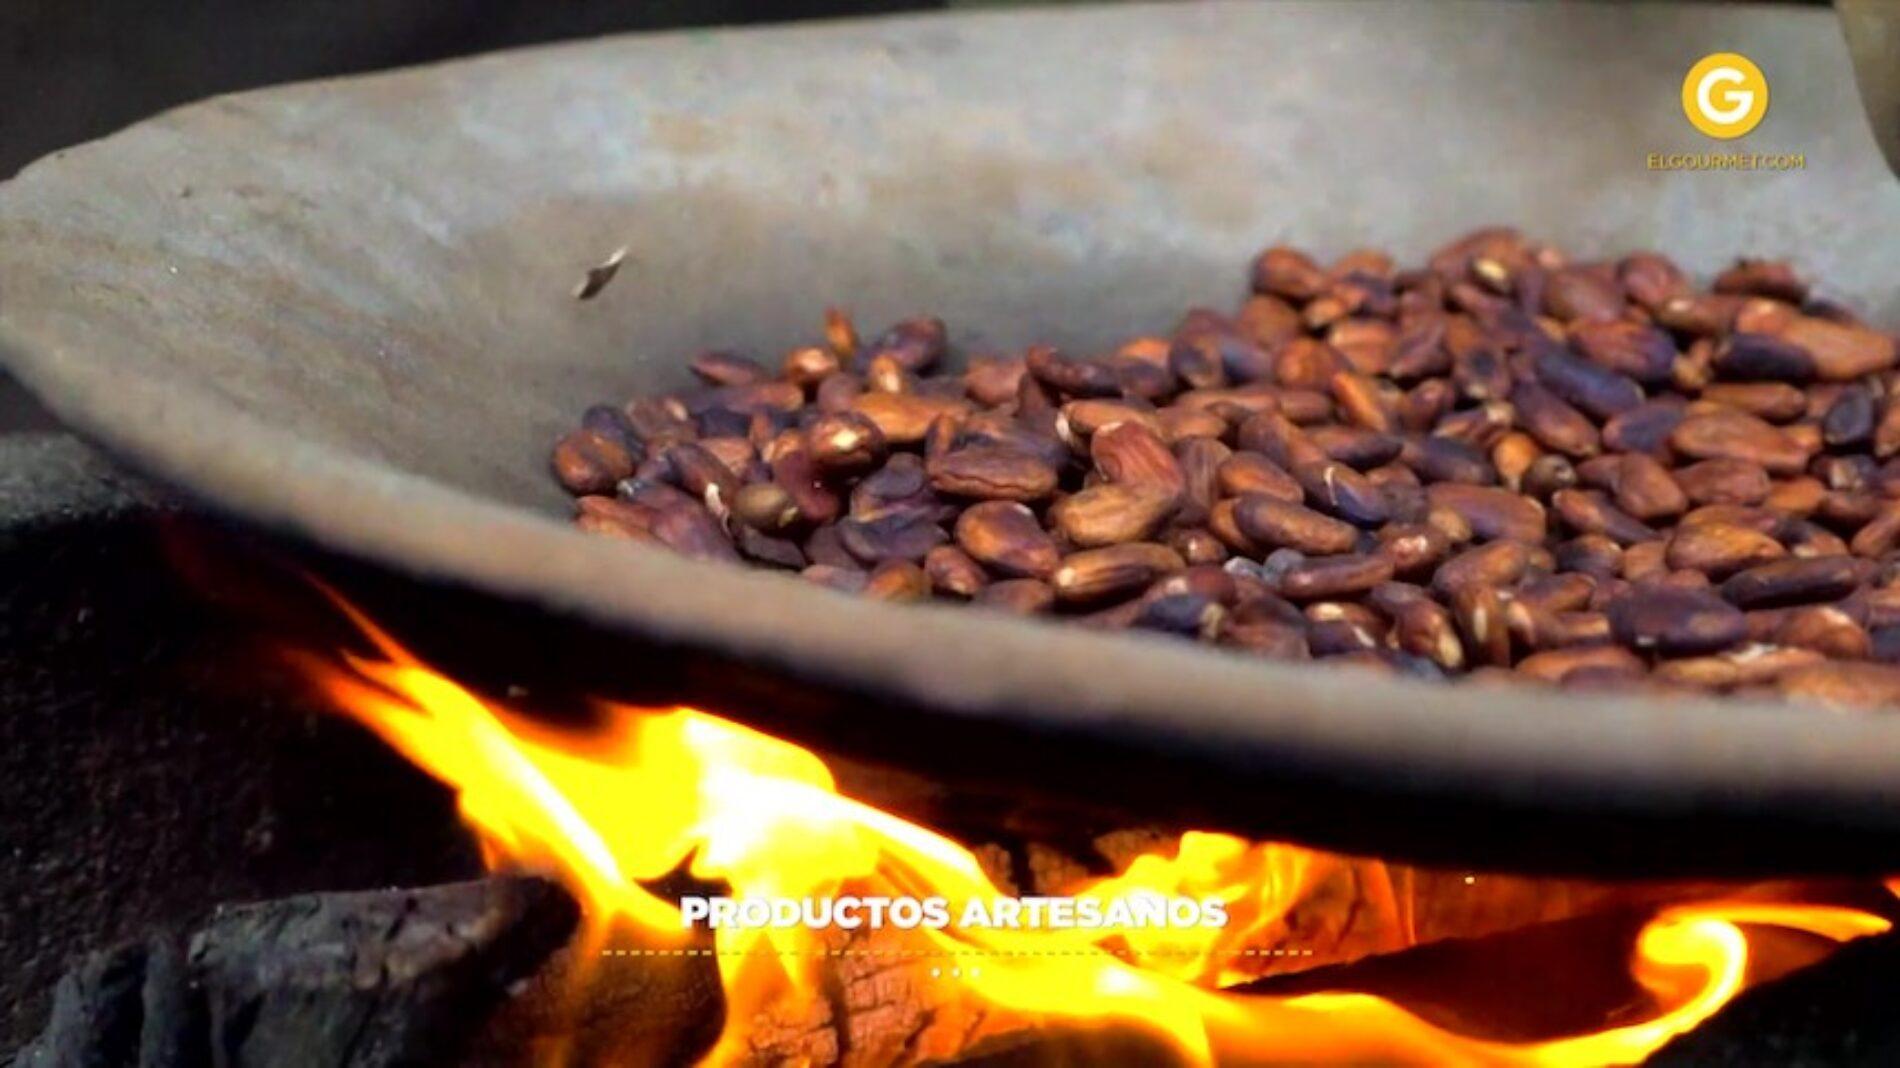 Las artesanías de México y Argentina, ahora en El Gourmet